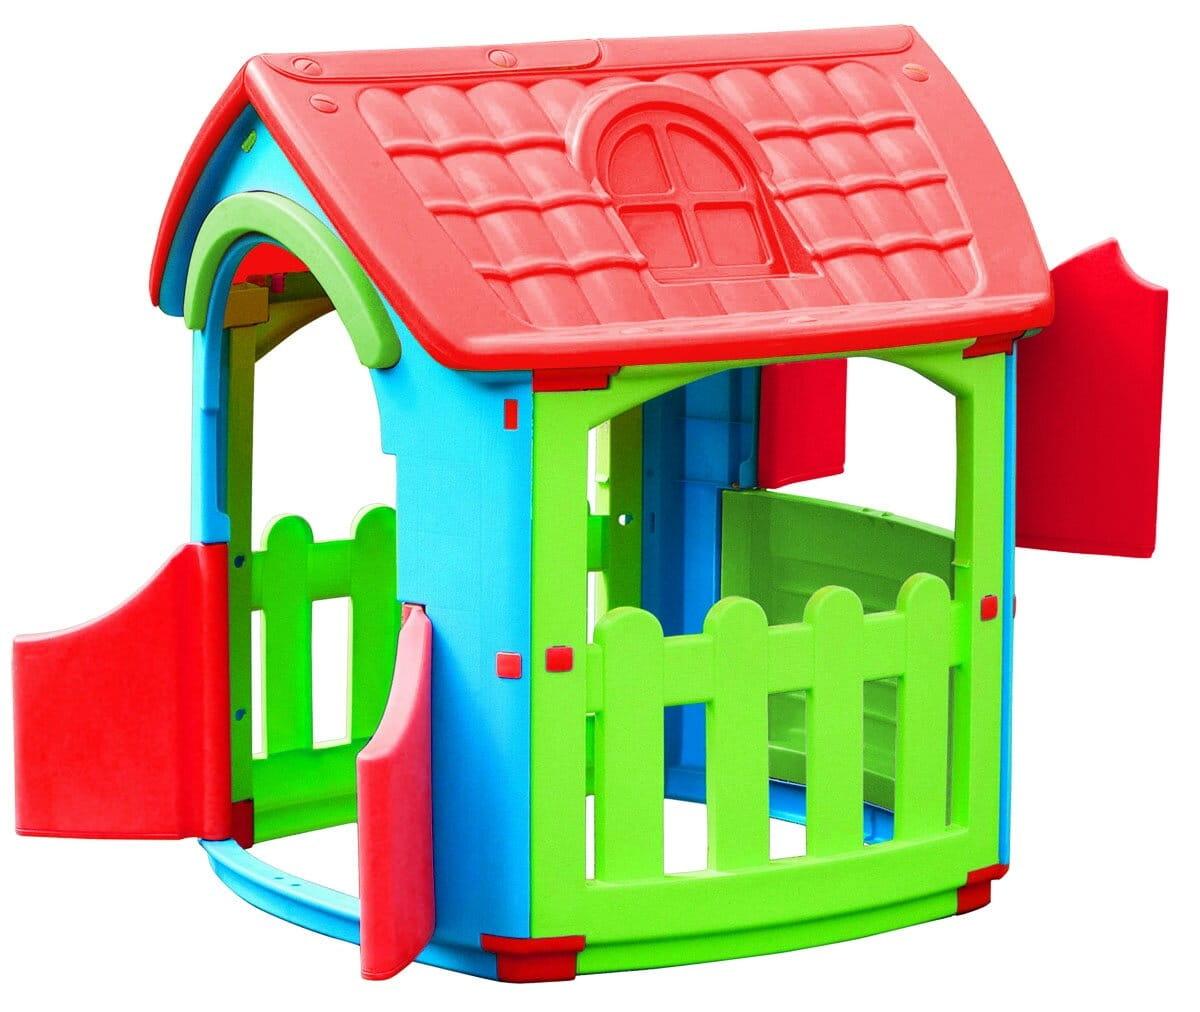 Купить Игровой домик PalPlay Разборный (Marian Plast) в интернет магазине игрушек и детских товаров